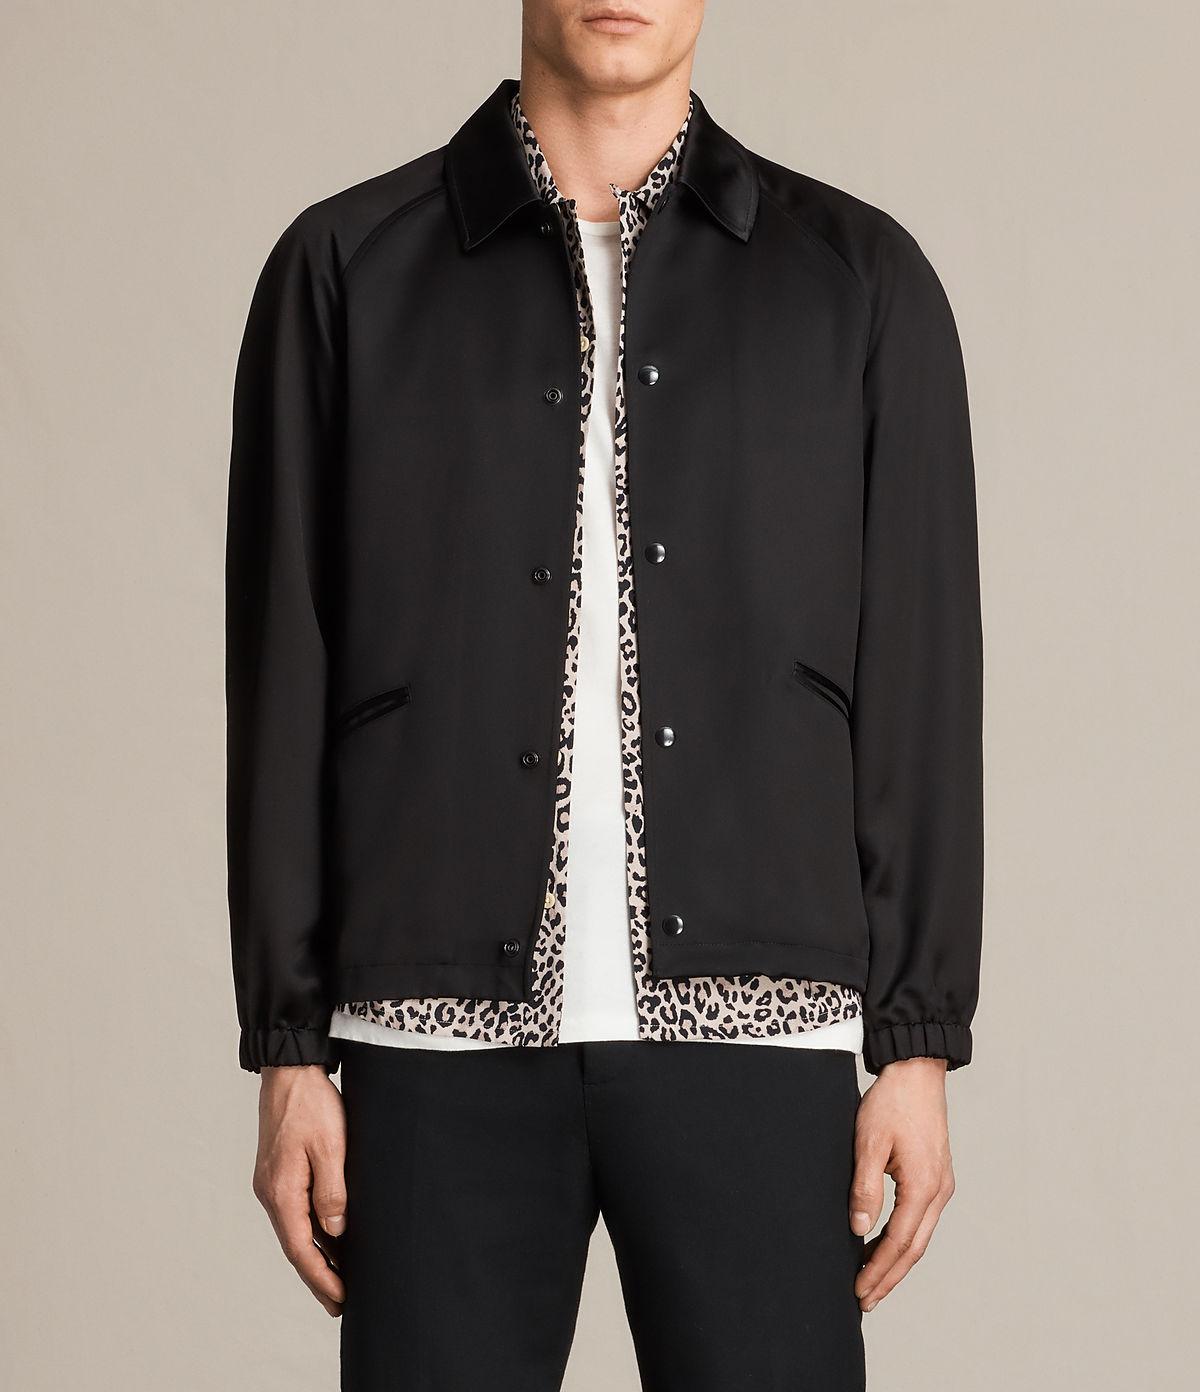 ALLSAINTS US: Men's Jackets, Shop Now.